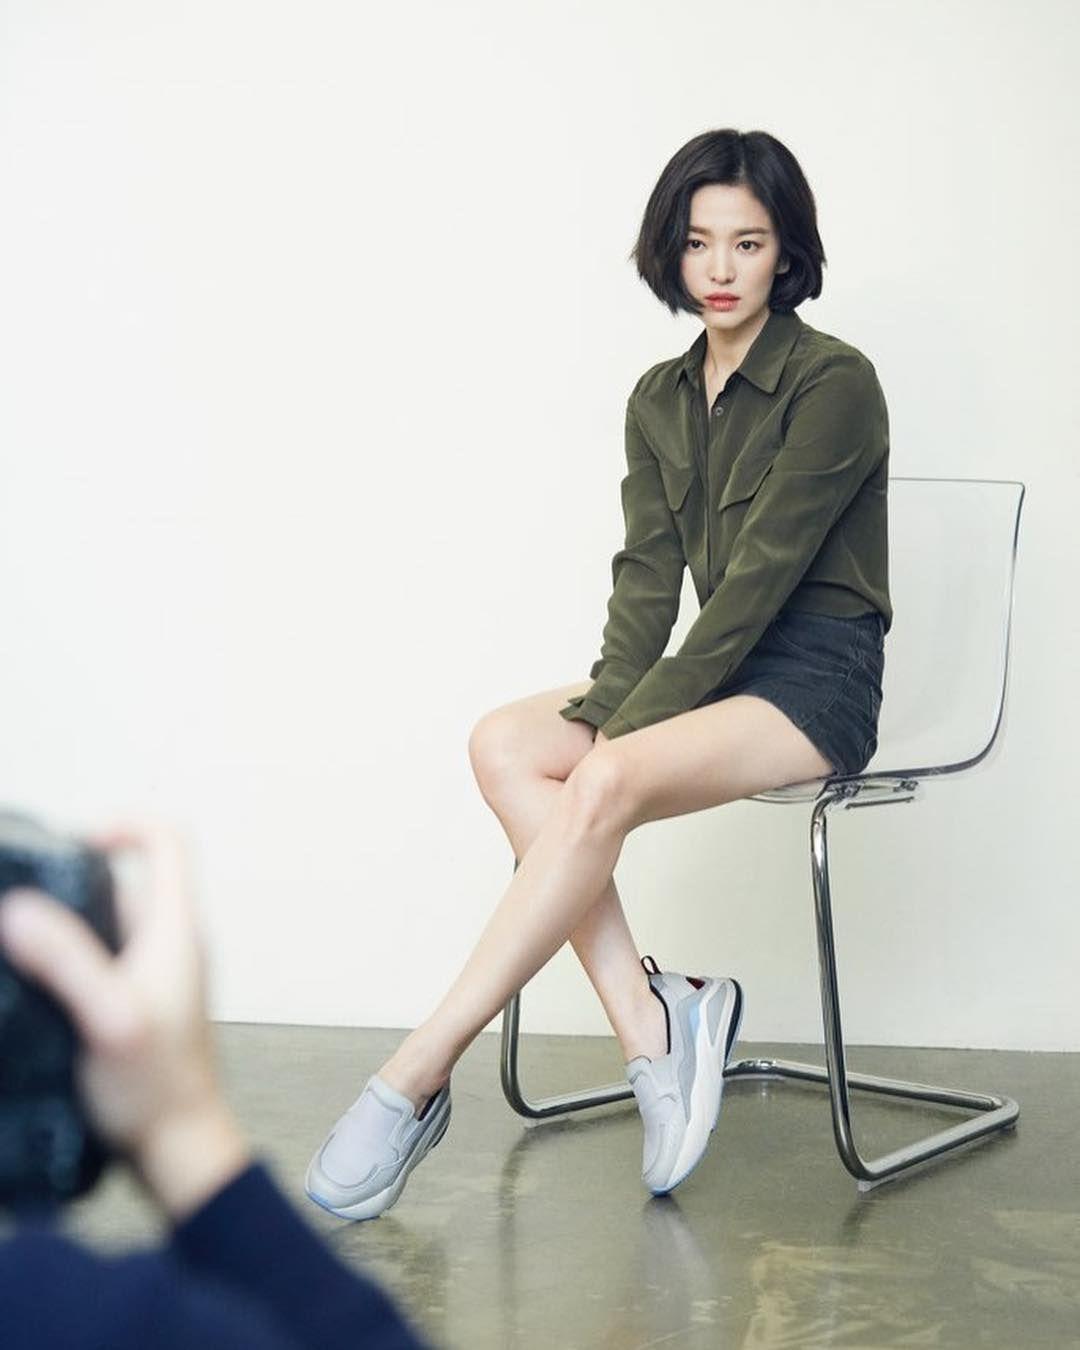 Deretan Bukti Song Hye Kyo Miliki Gaya Kekinian Layaknya ABG